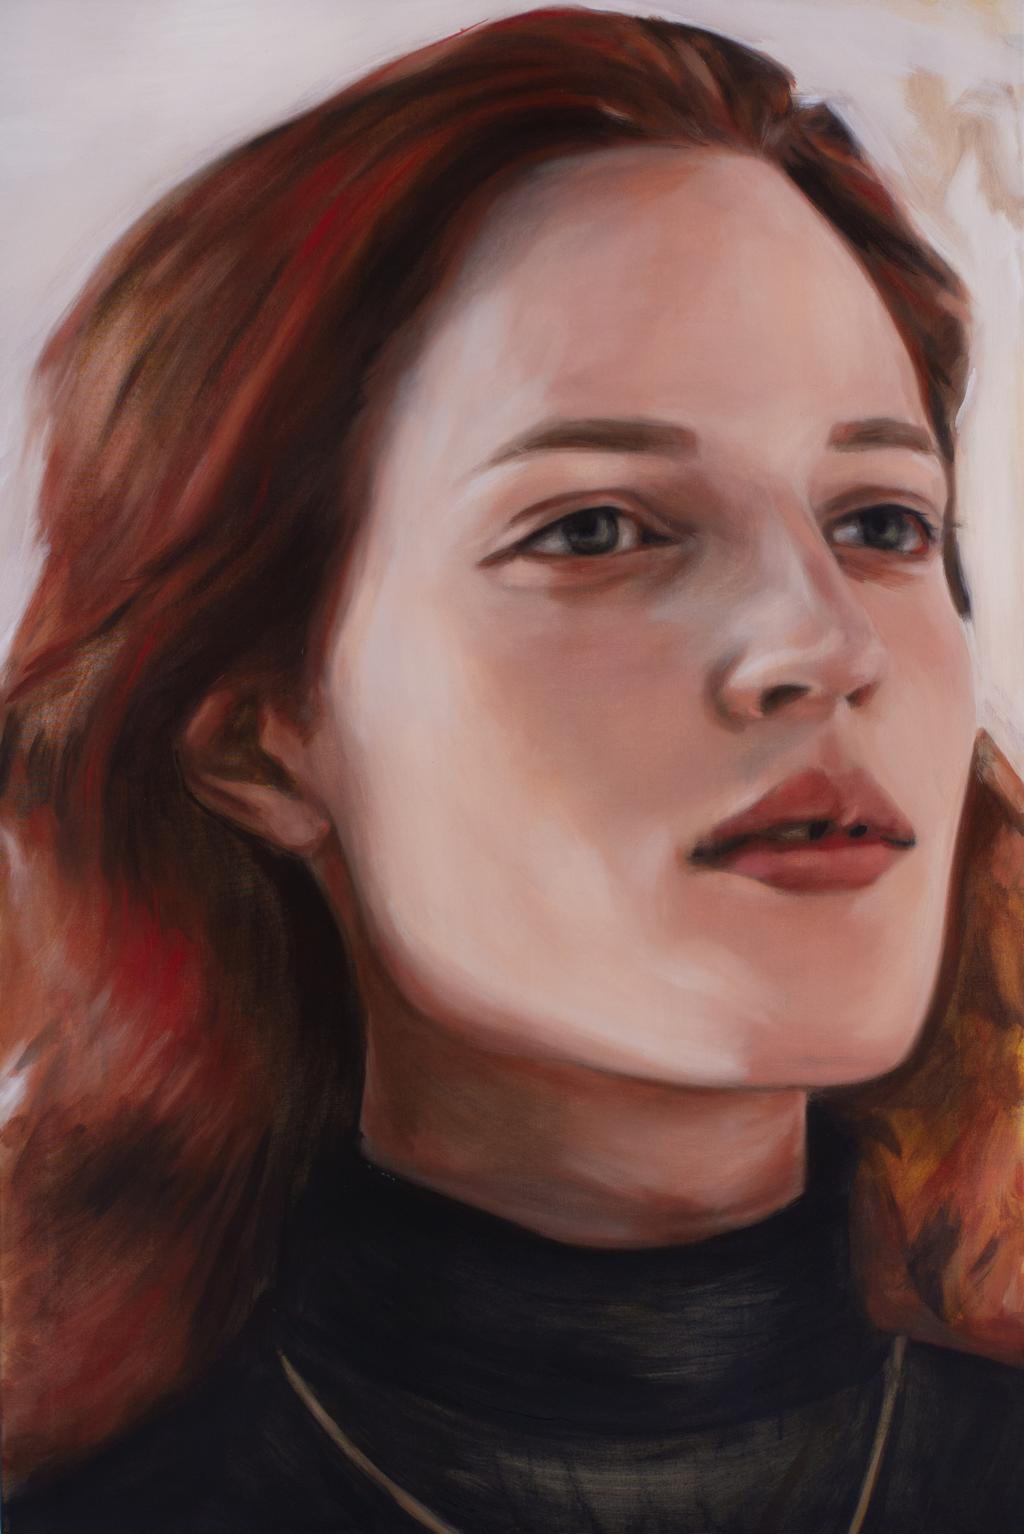 Obraz przedstawia mloda rudowlosa kobiete